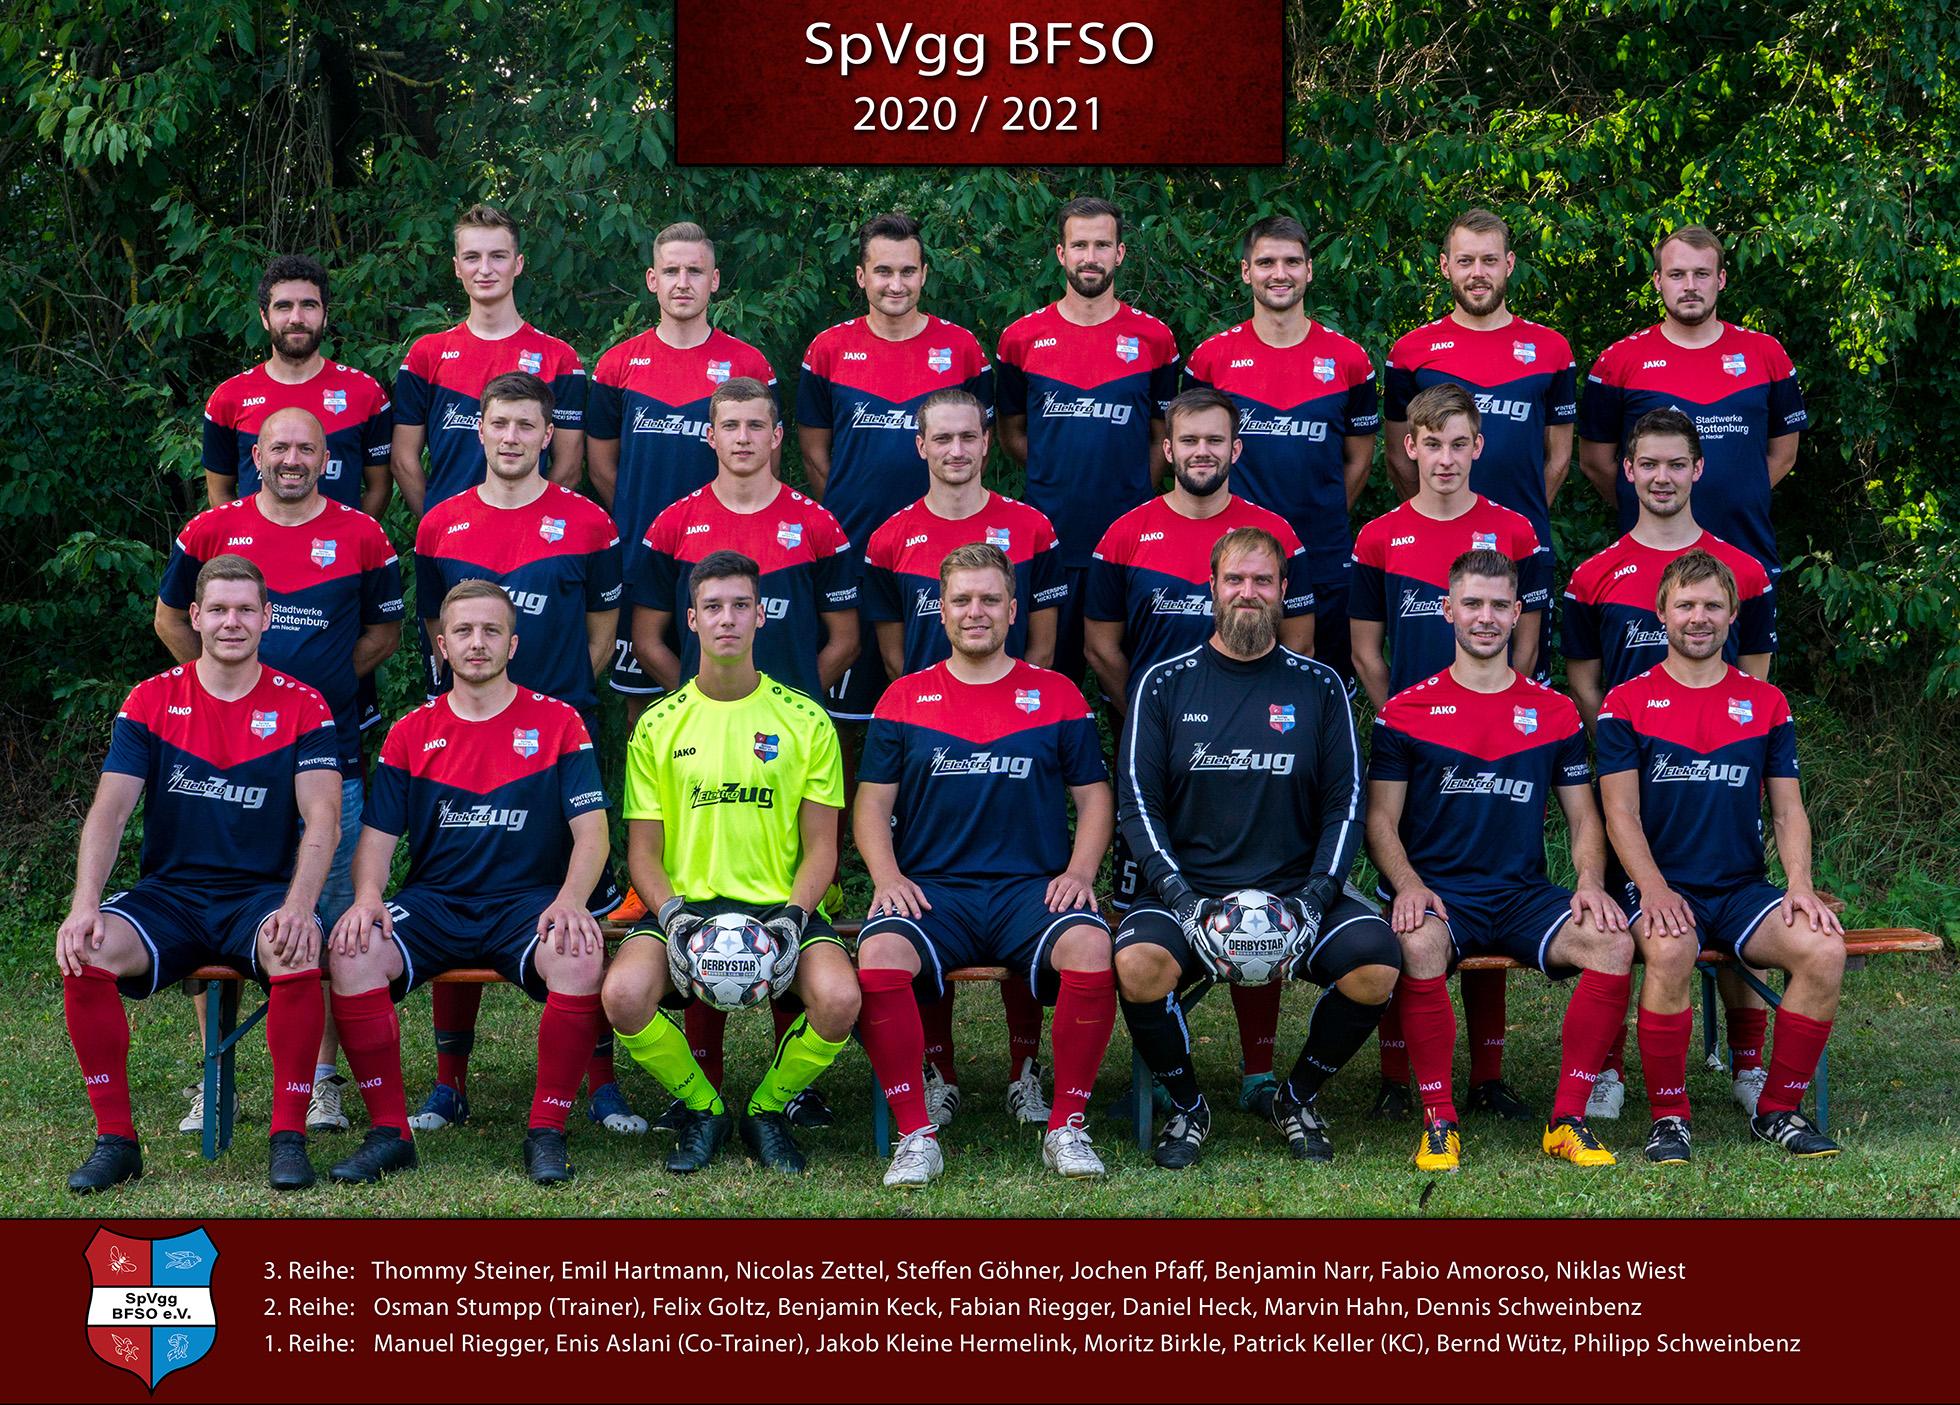 Mannschaftsfoto SpVgg BFSO